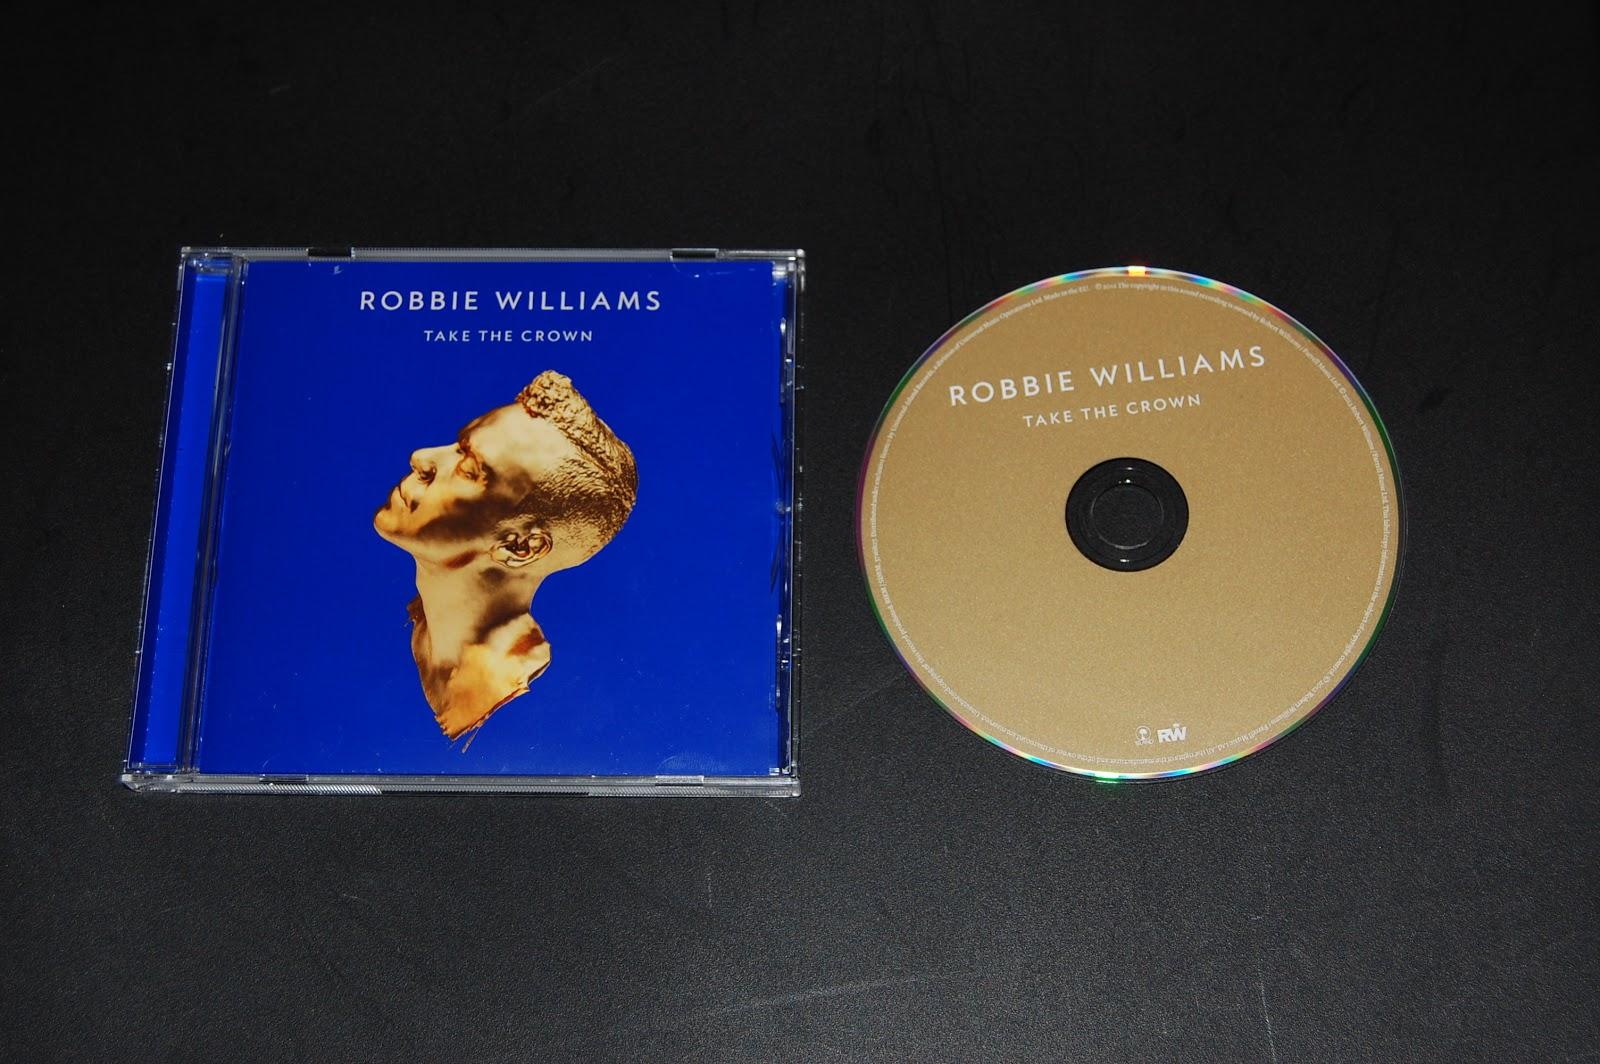 http://1.bp.blogspot.com/-b7_qKm5QeTQ/UL96Qv6W4vI/AAAAAAAAC3o/Kdf3jUoiGMc/s1600/Robbie+Williams+-+Take+The+Crown.JPG